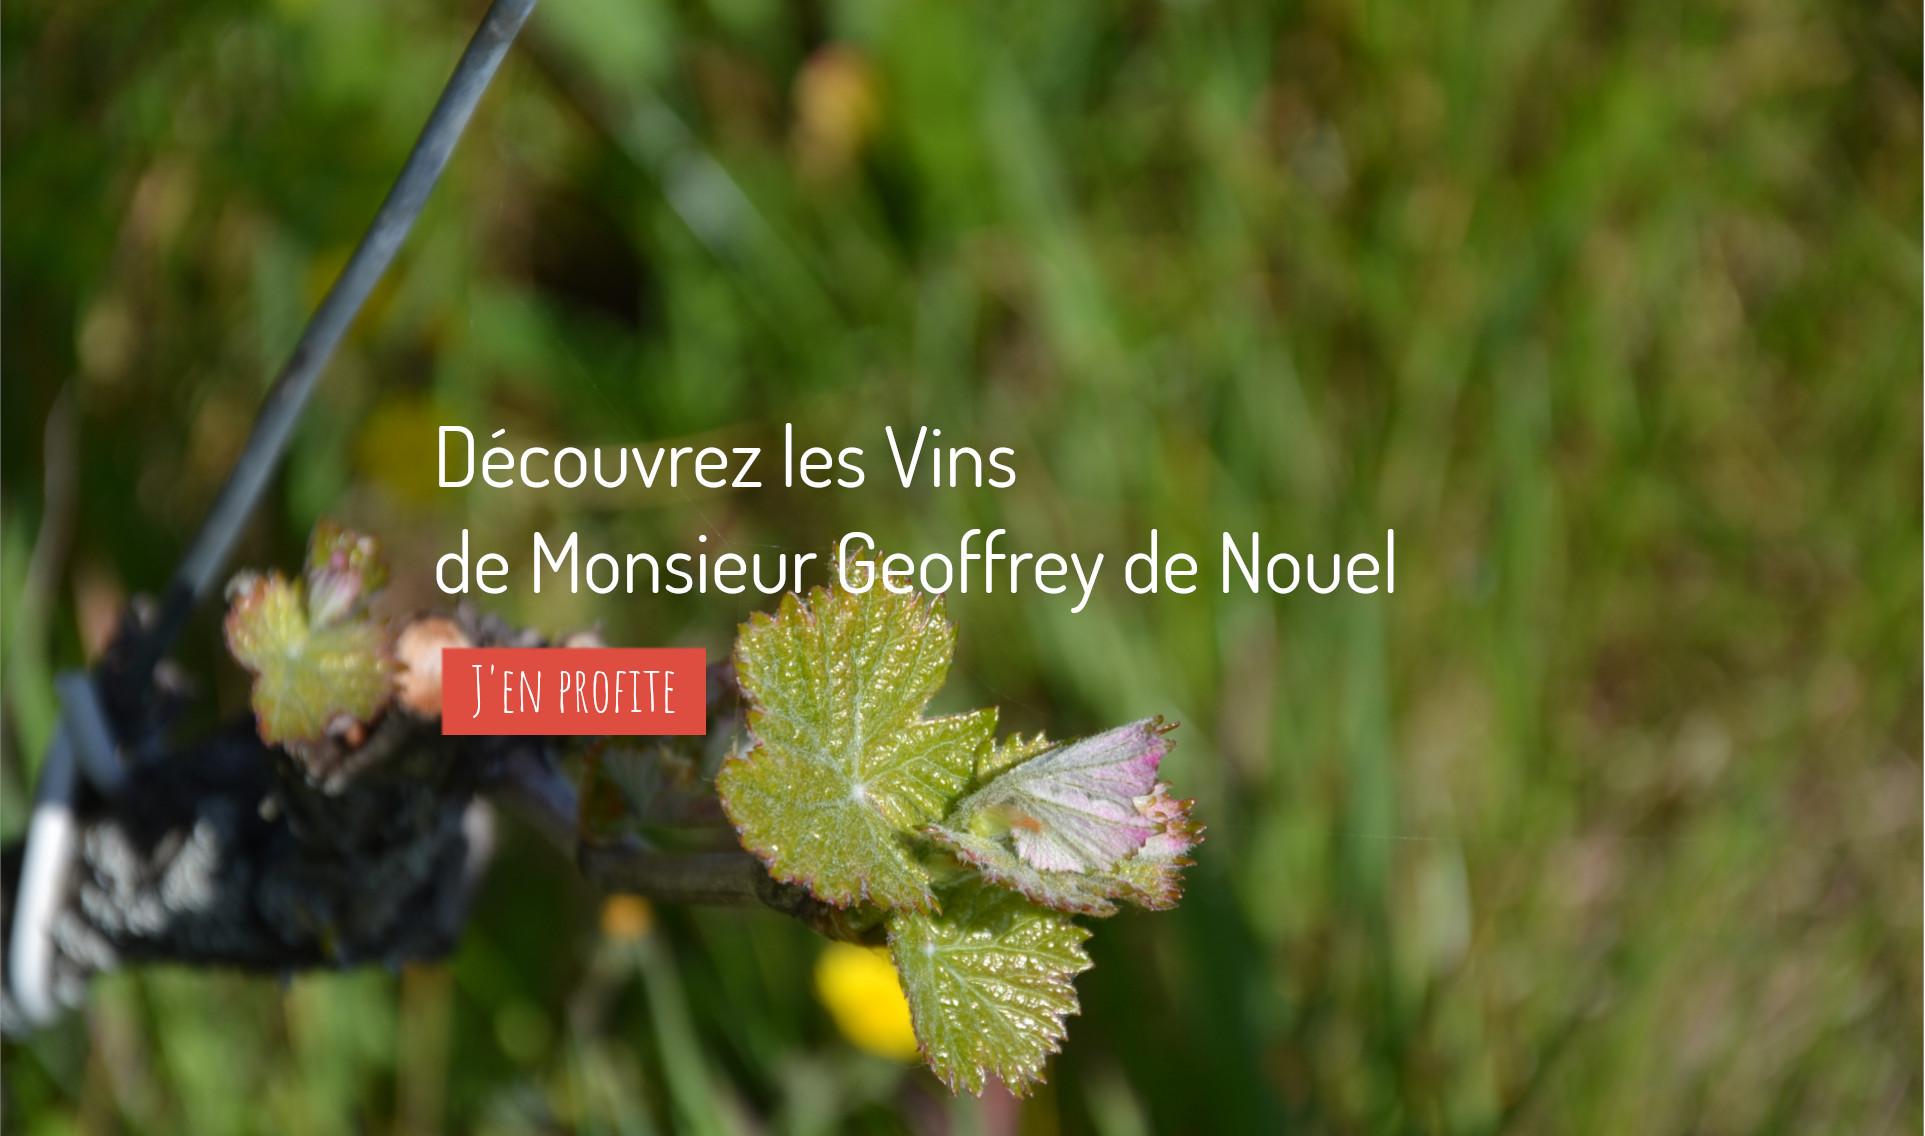 Geoffrey de Nouel